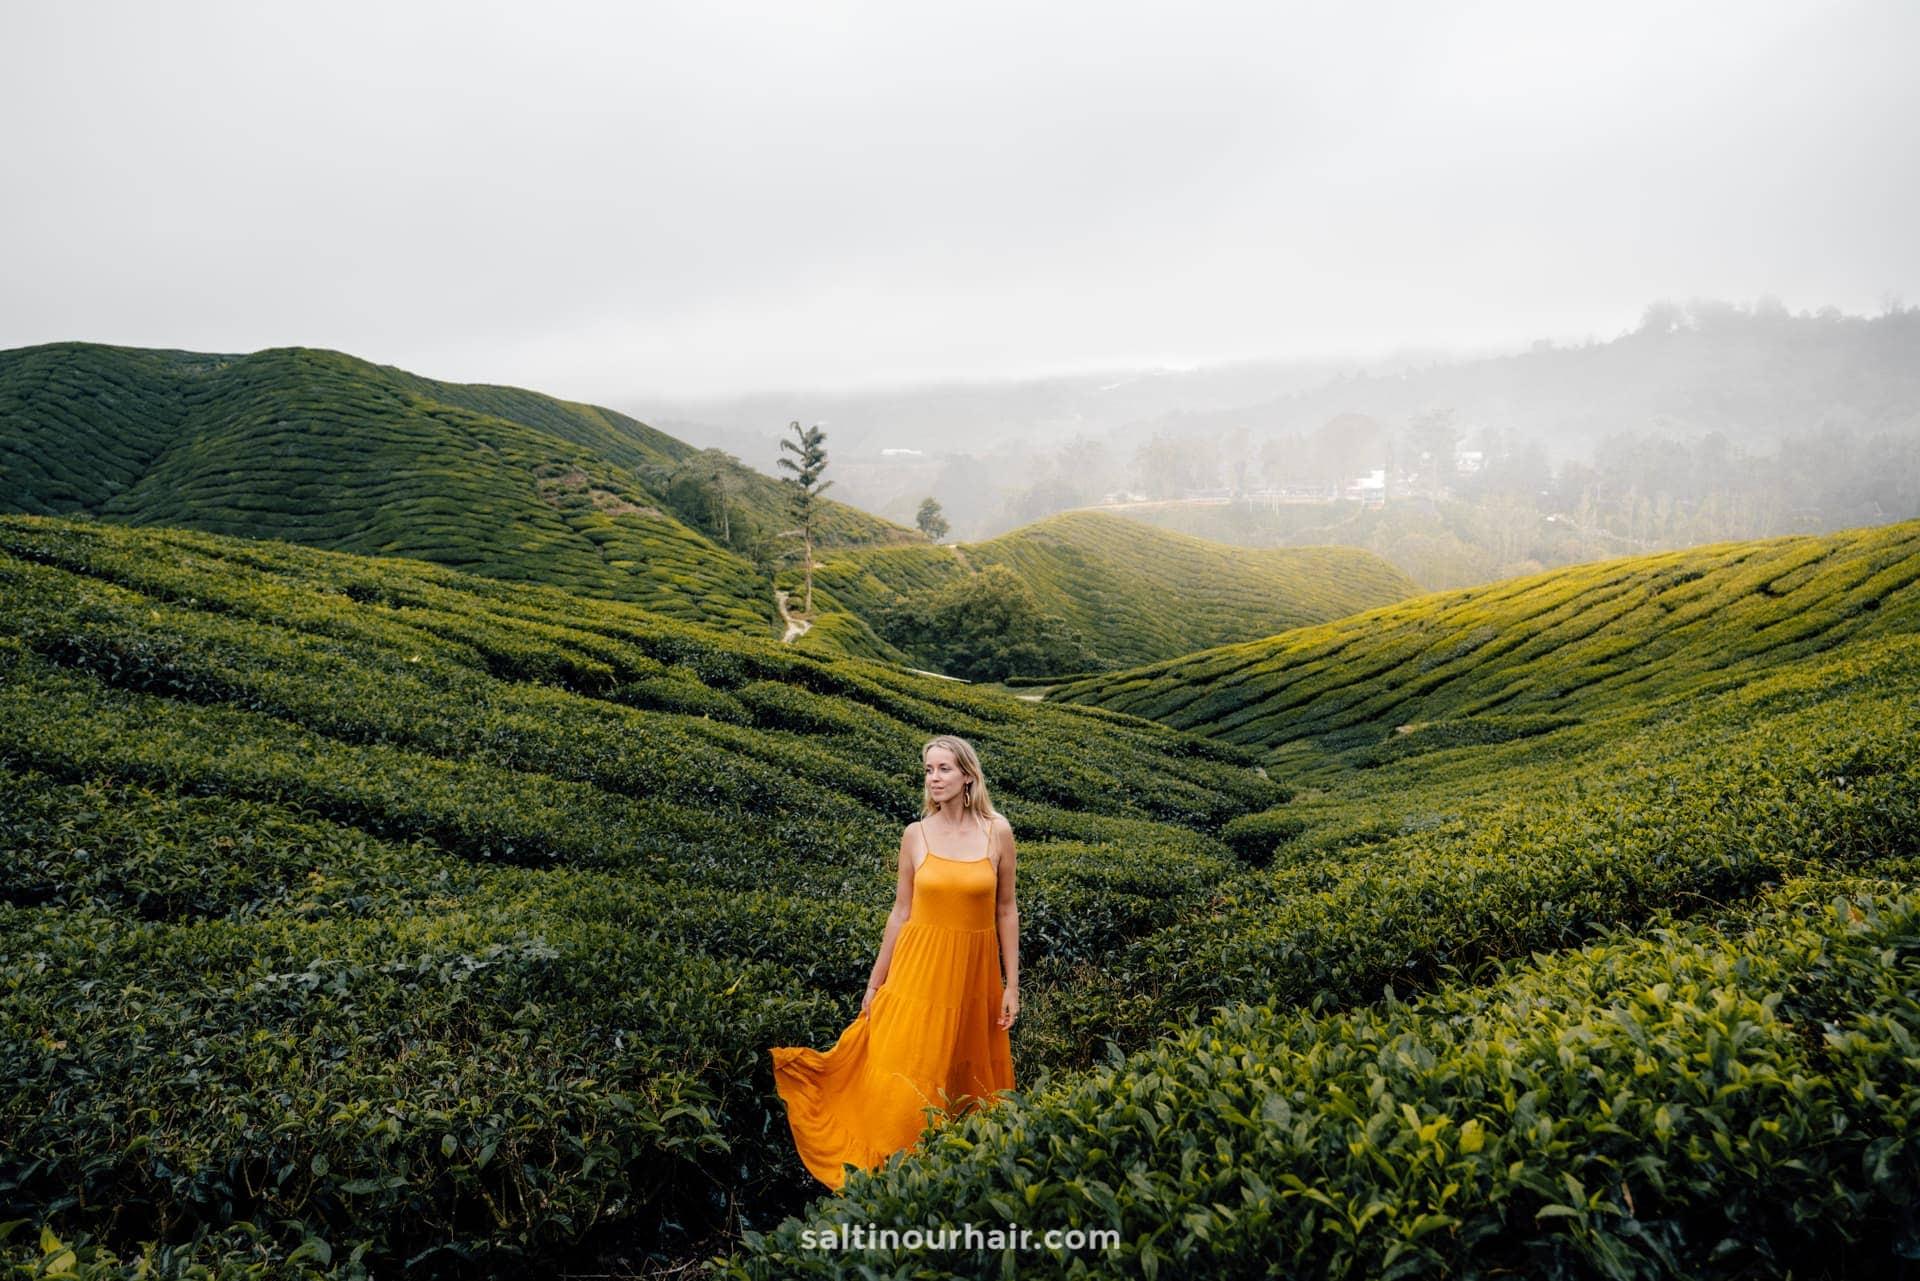 malaysia cameron highlands salt in our hair